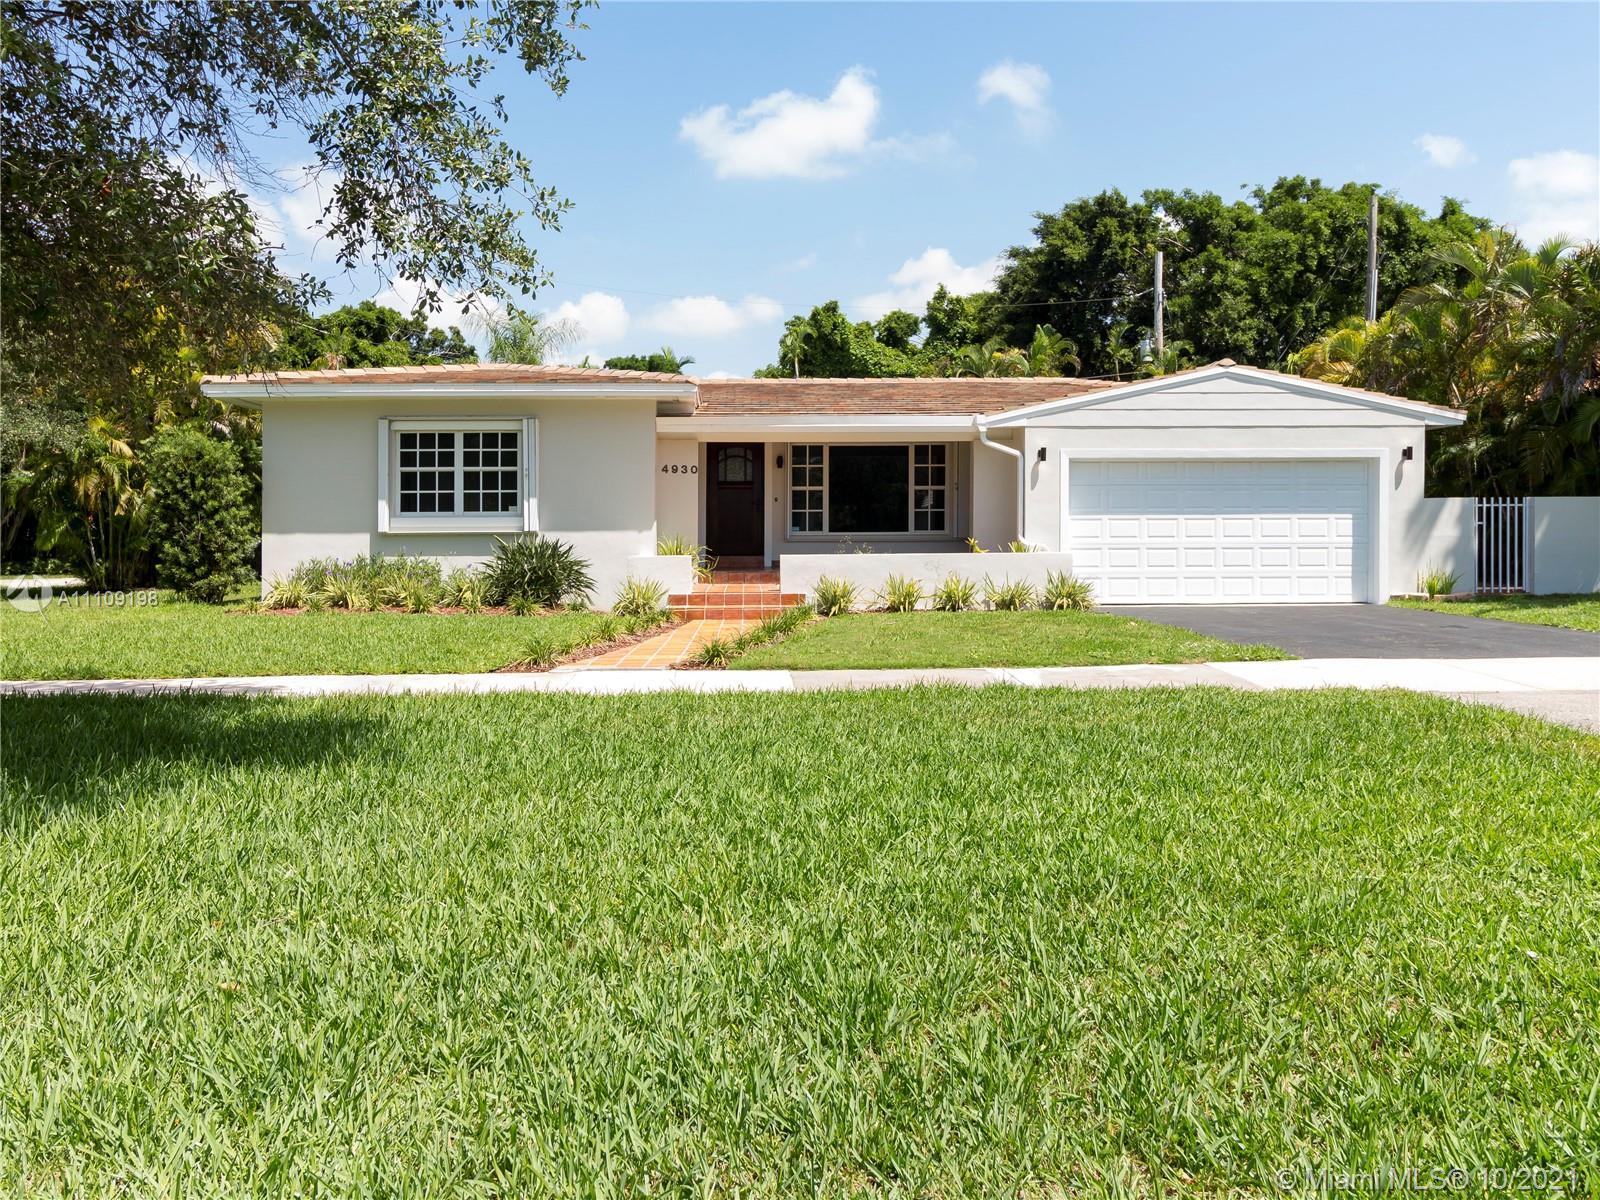 South Miami - 4930 Riviera Dr, Coral Gables, FL 33146